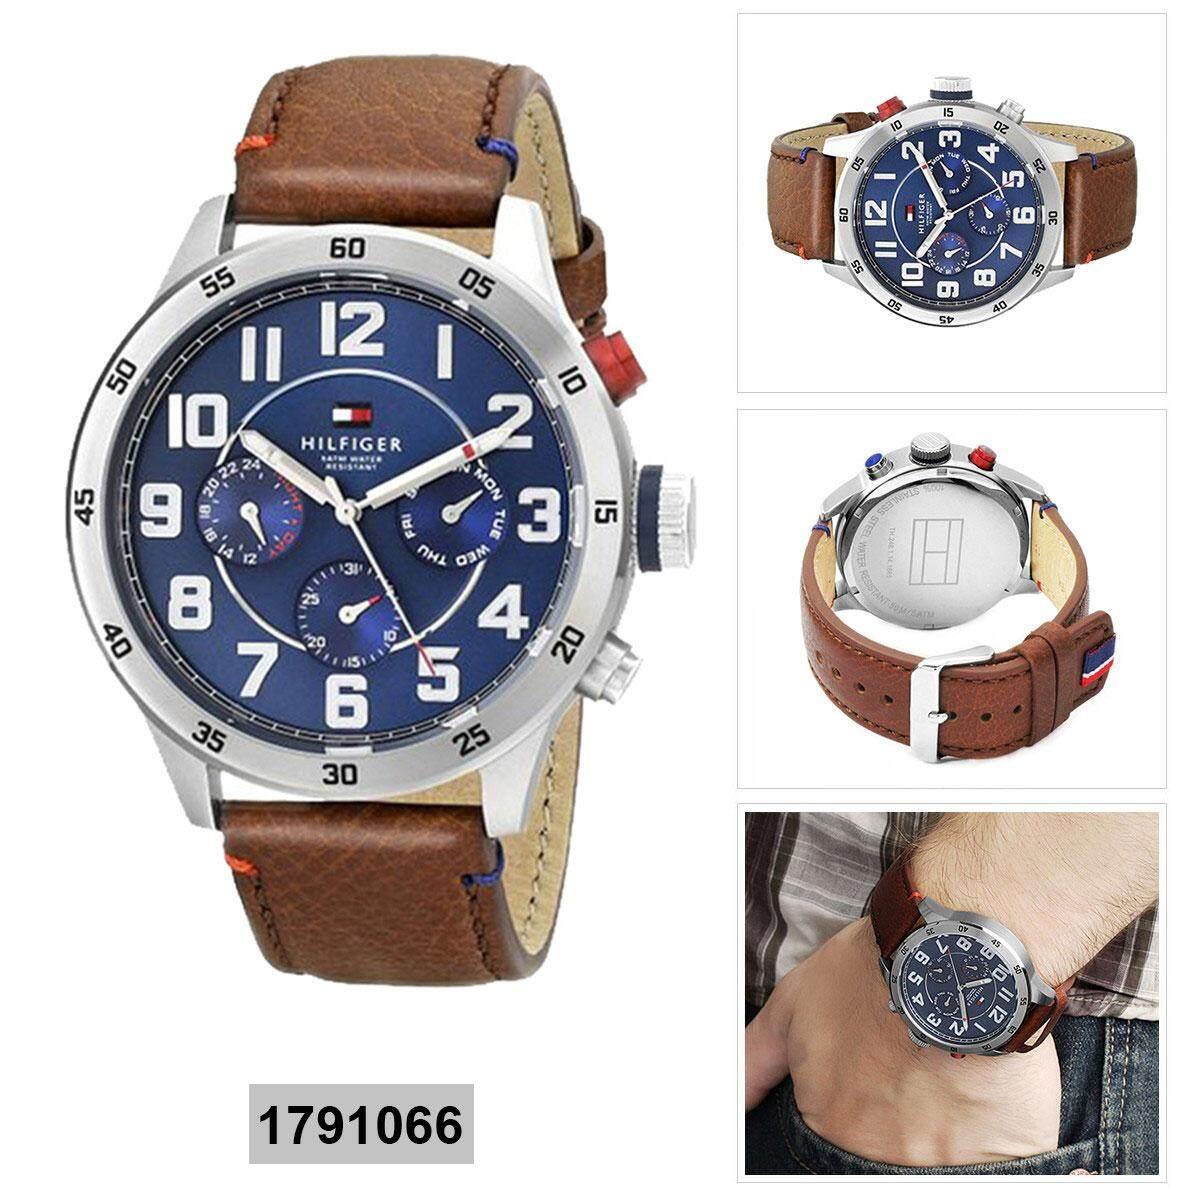 Police Watch Geometry Silver Stainless Steel Case Bacan Pandan Store Marwanto606 Bracelet Ladies 1781945 Source Warranty